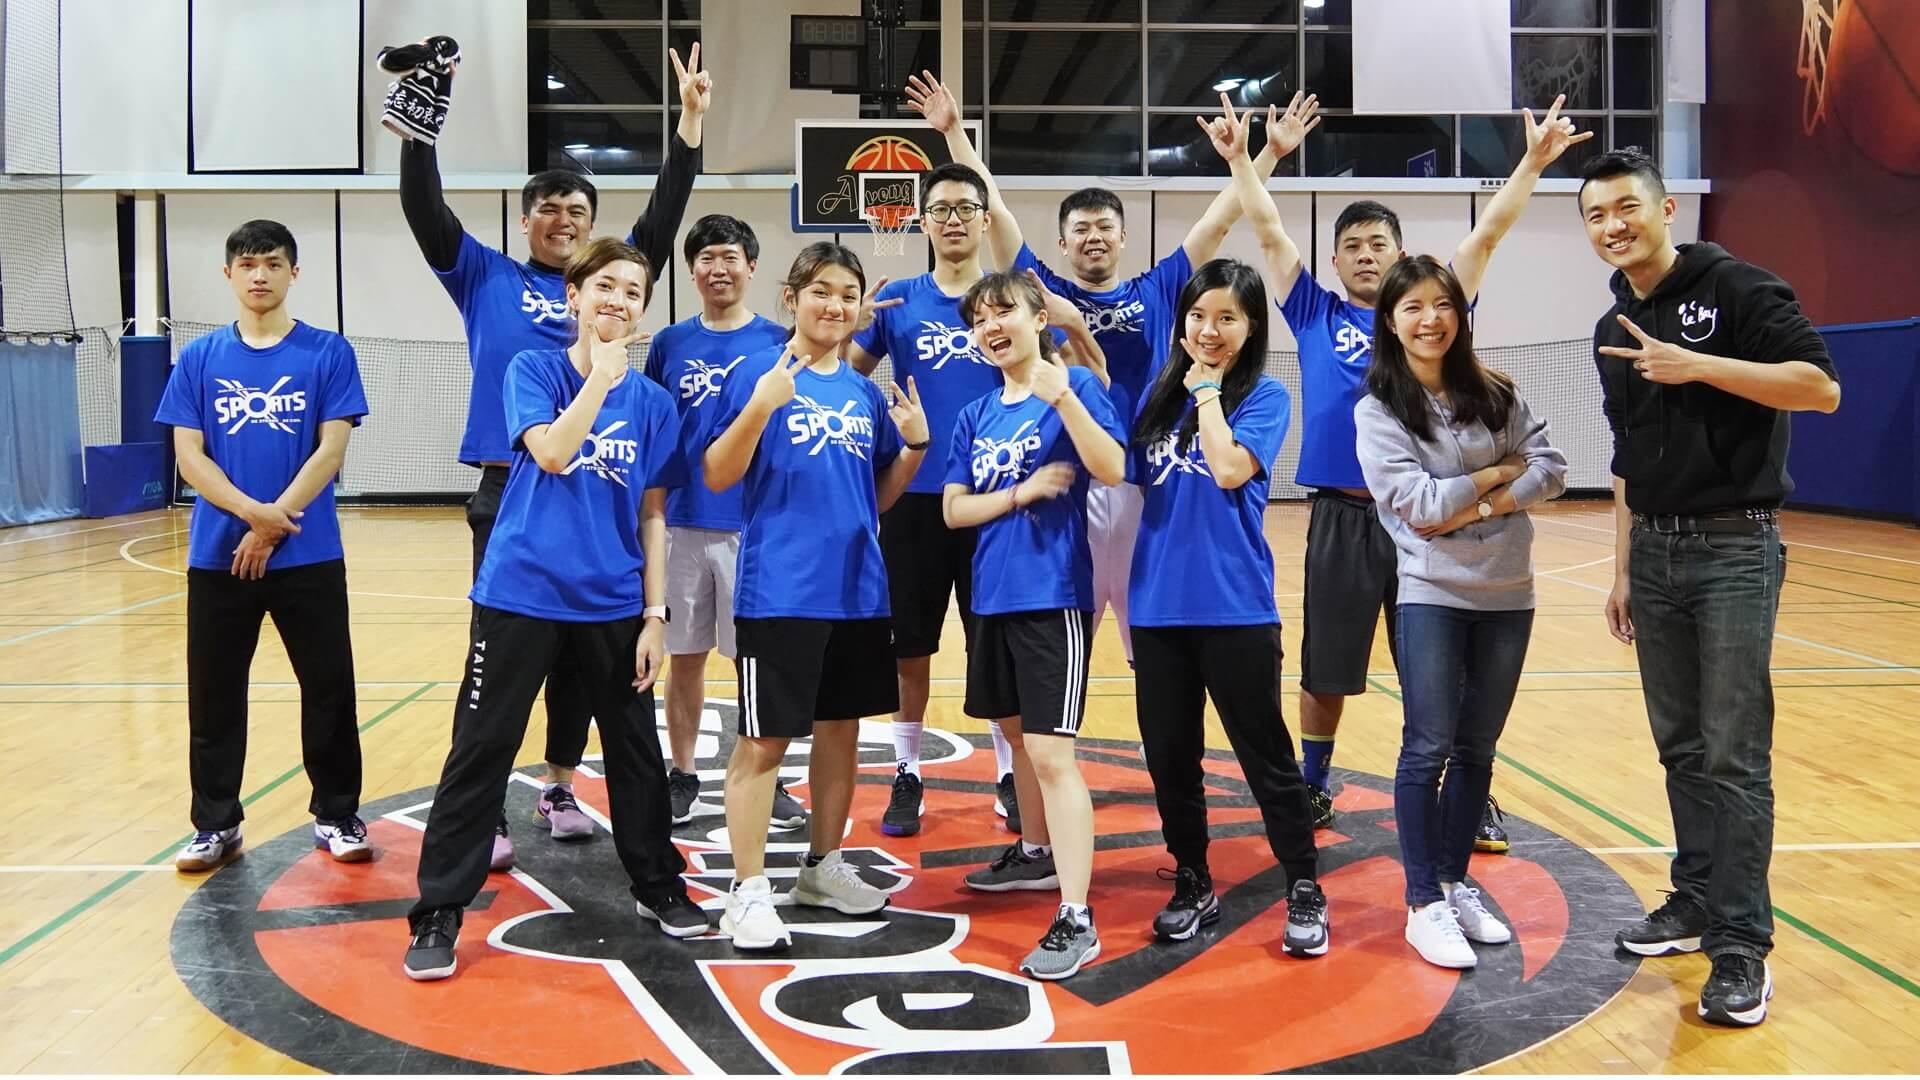 地板曲棍球 – 一同創造射門得分的那份榮耀